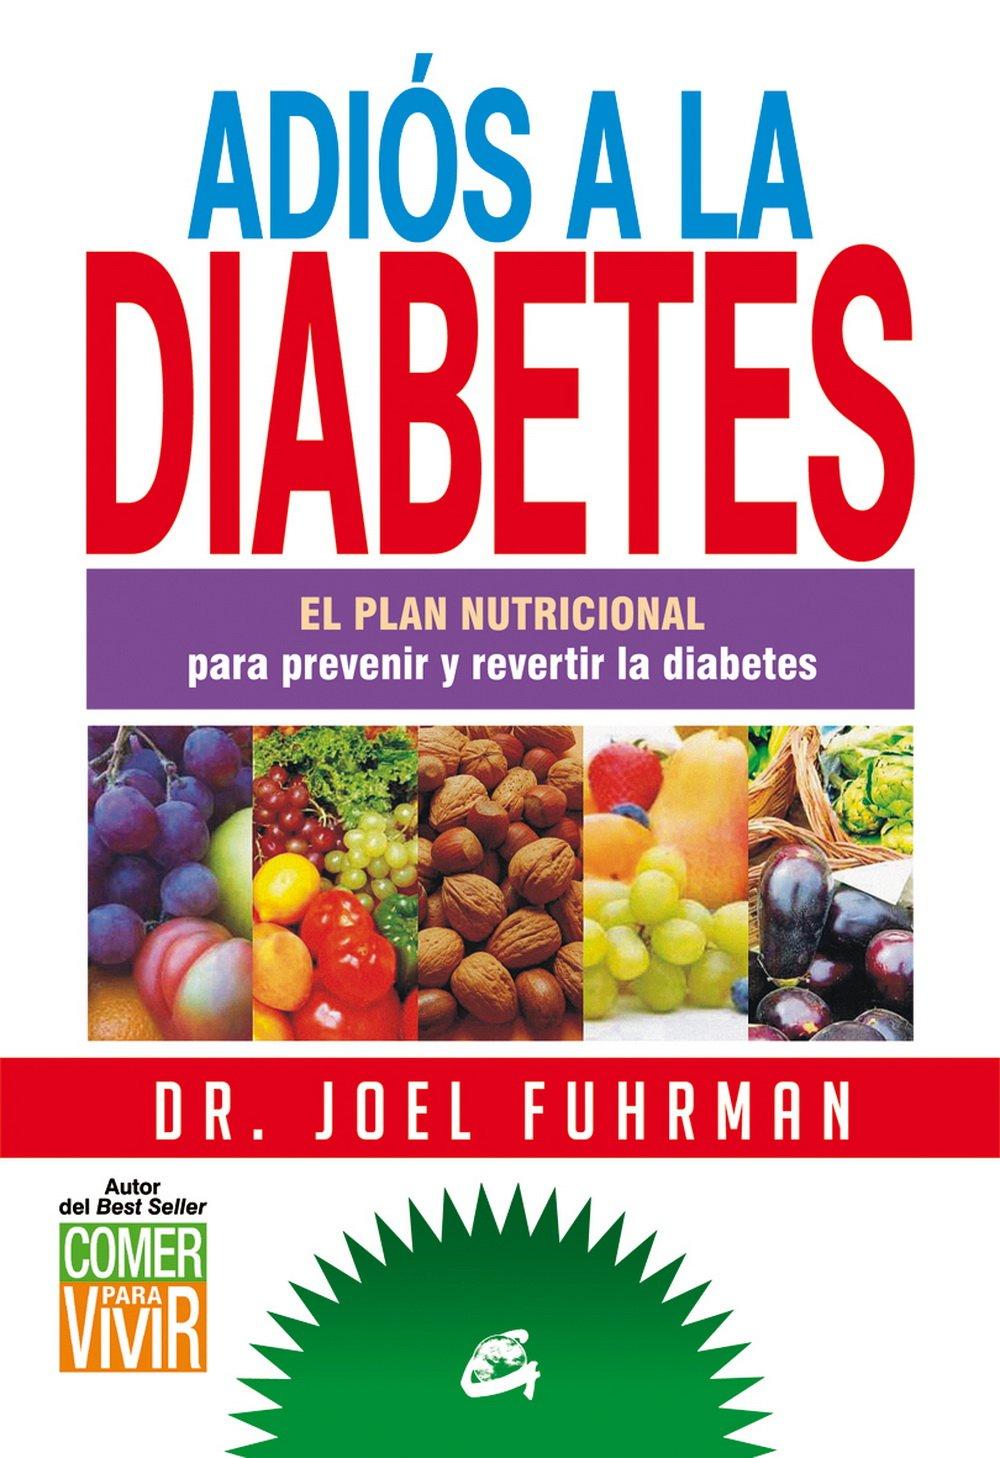 Adiós A La Diabetes (Nutrición y Salud): Amazon.es: Joel Fuhrman, Carlos Ossés Torrón: Libros